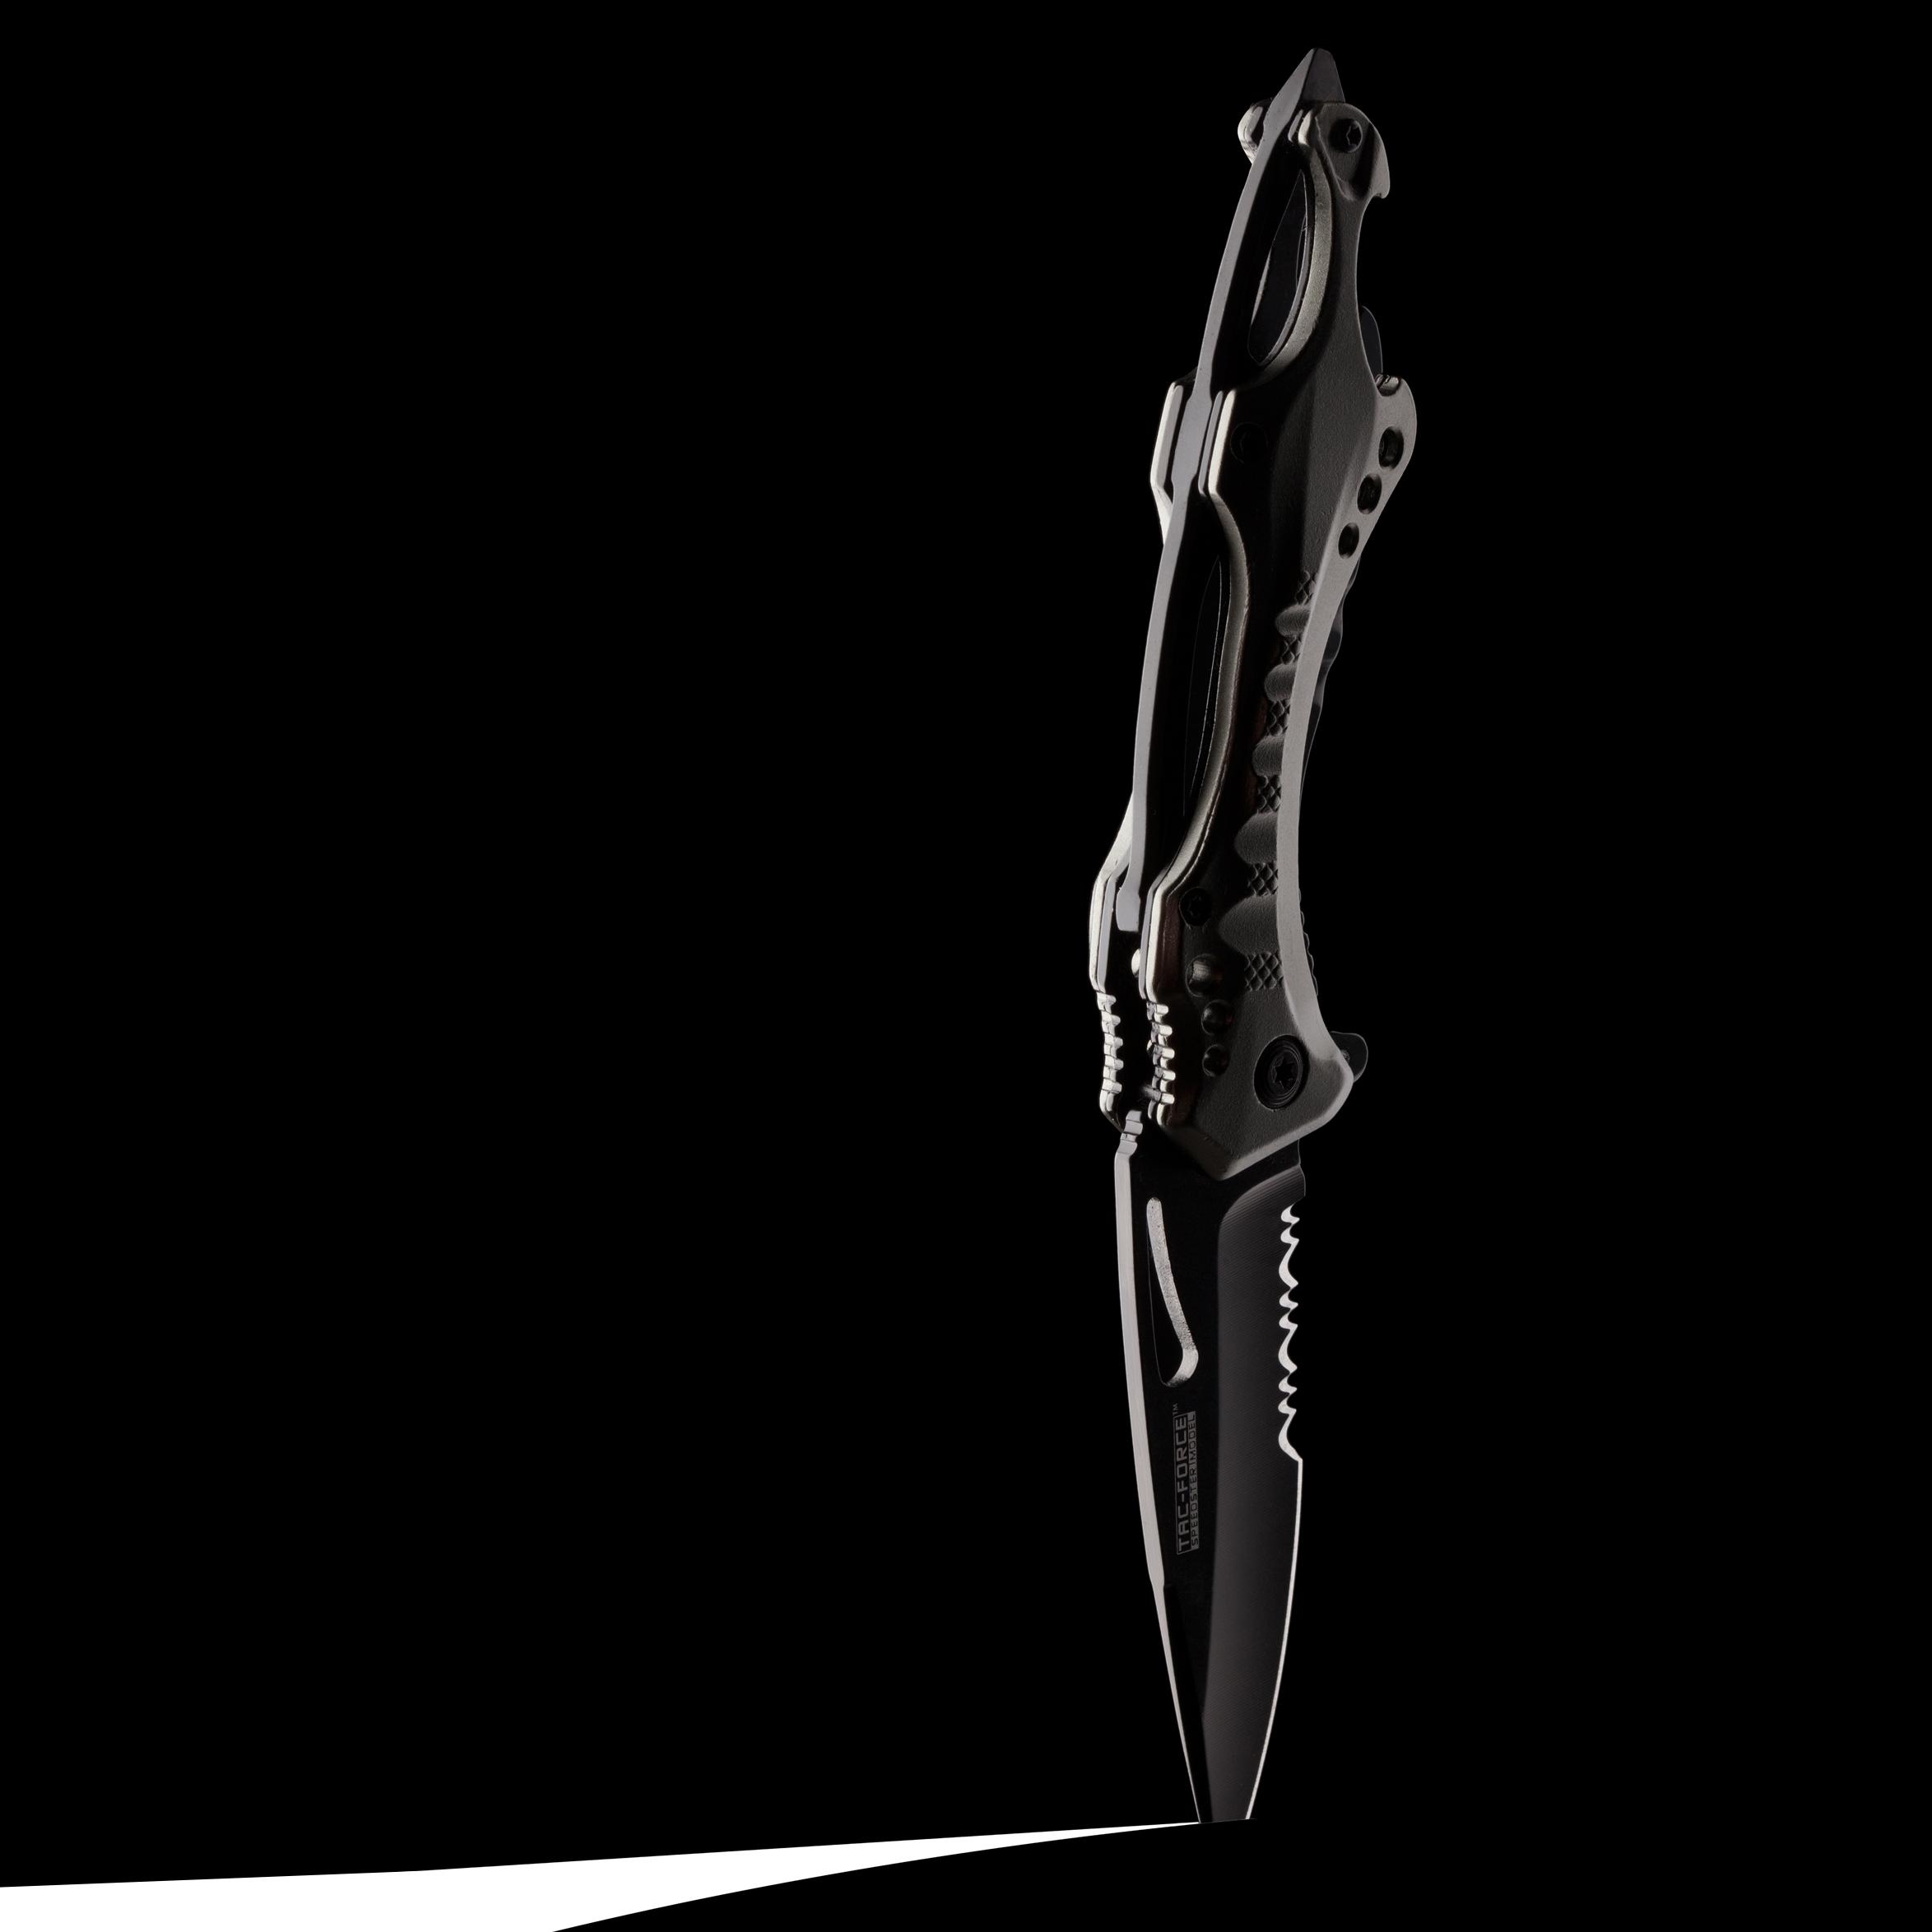 Knife0016.jpg